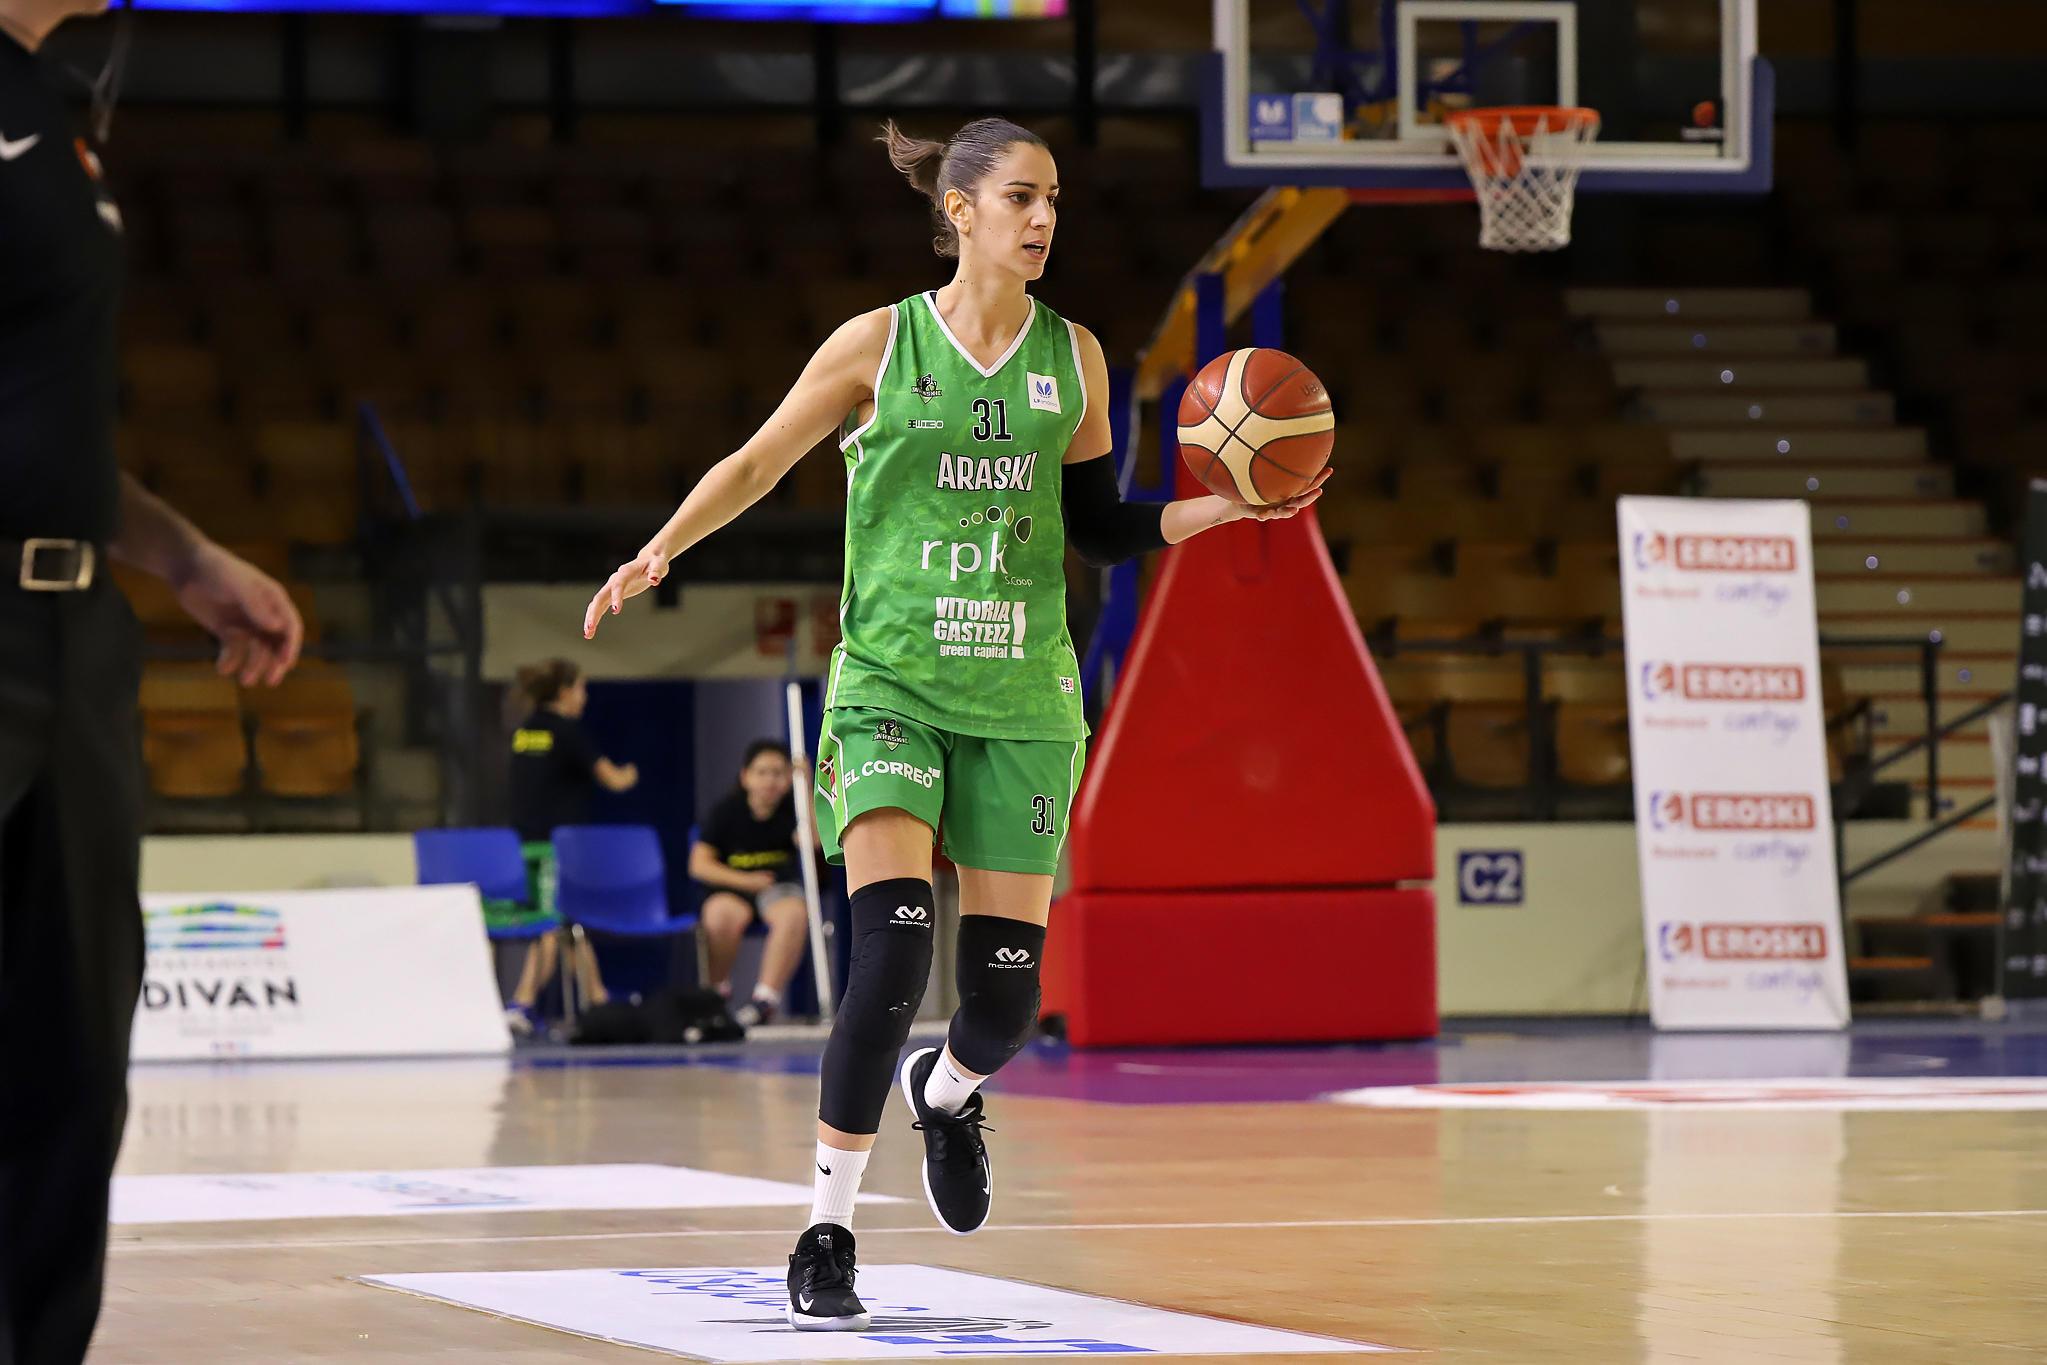 Tania Pérez. Foto: Ekaitz Otxoa